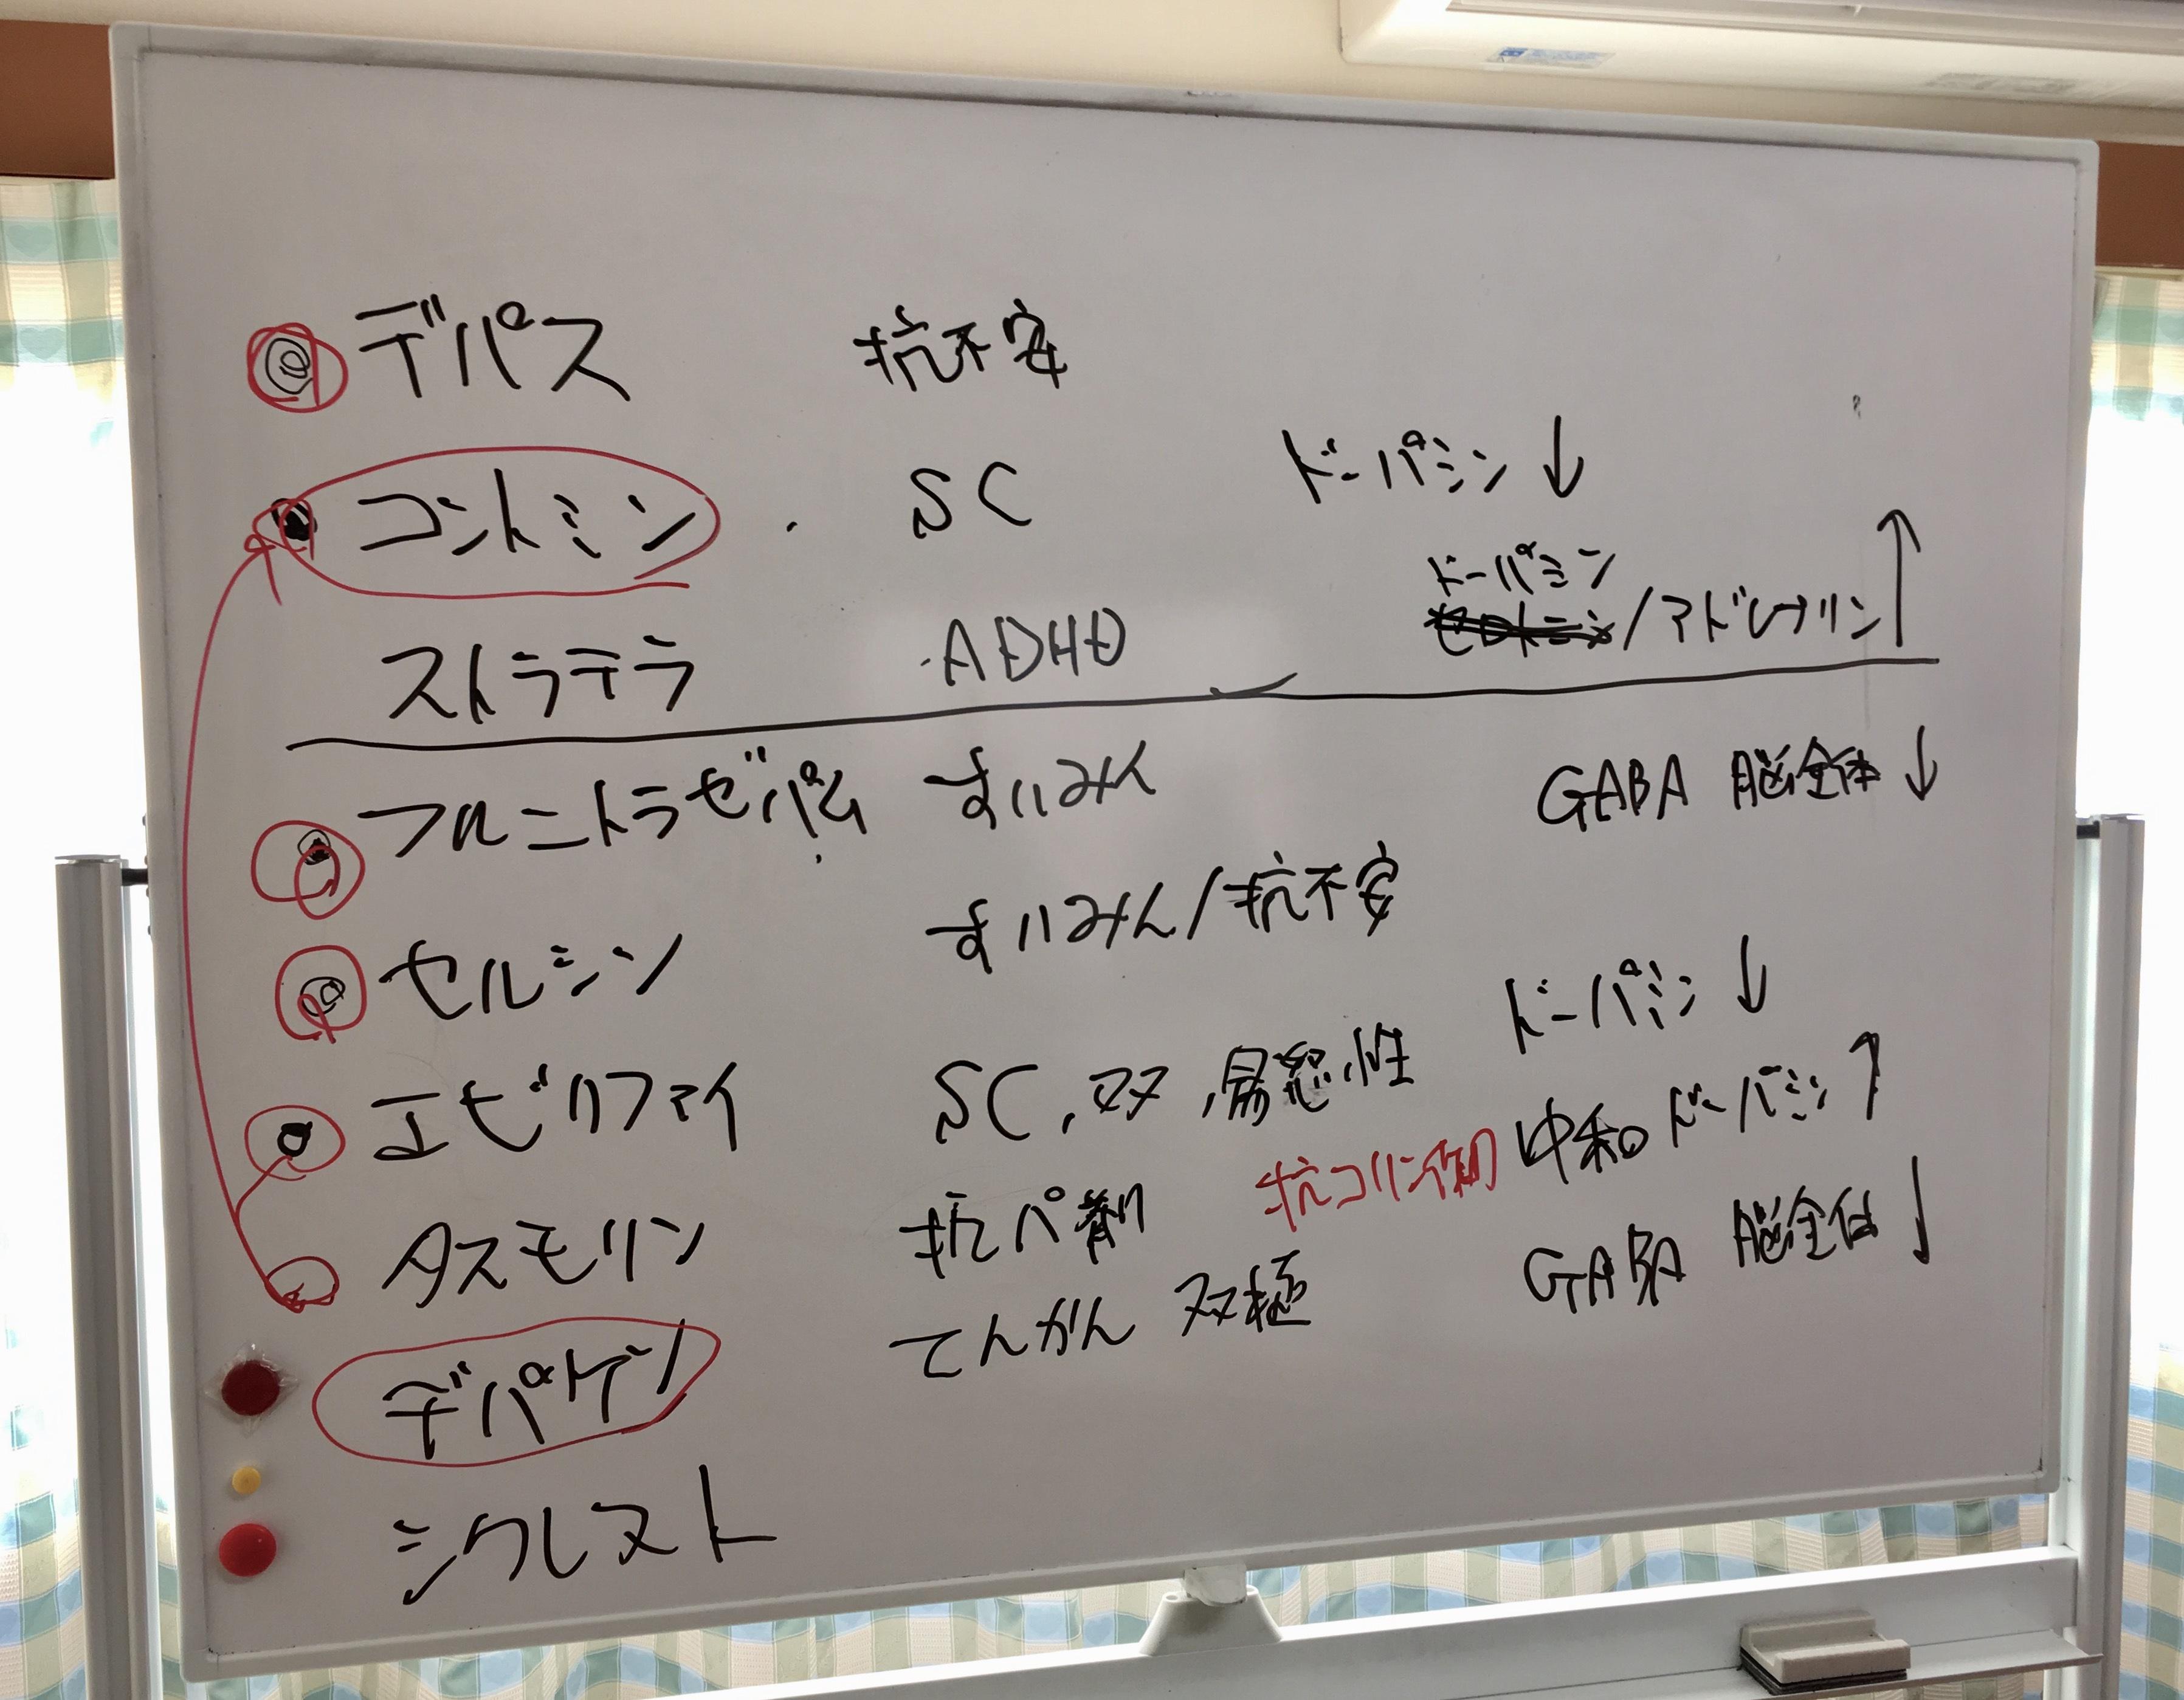 2018.2.8 サー船 Tさん処方分析